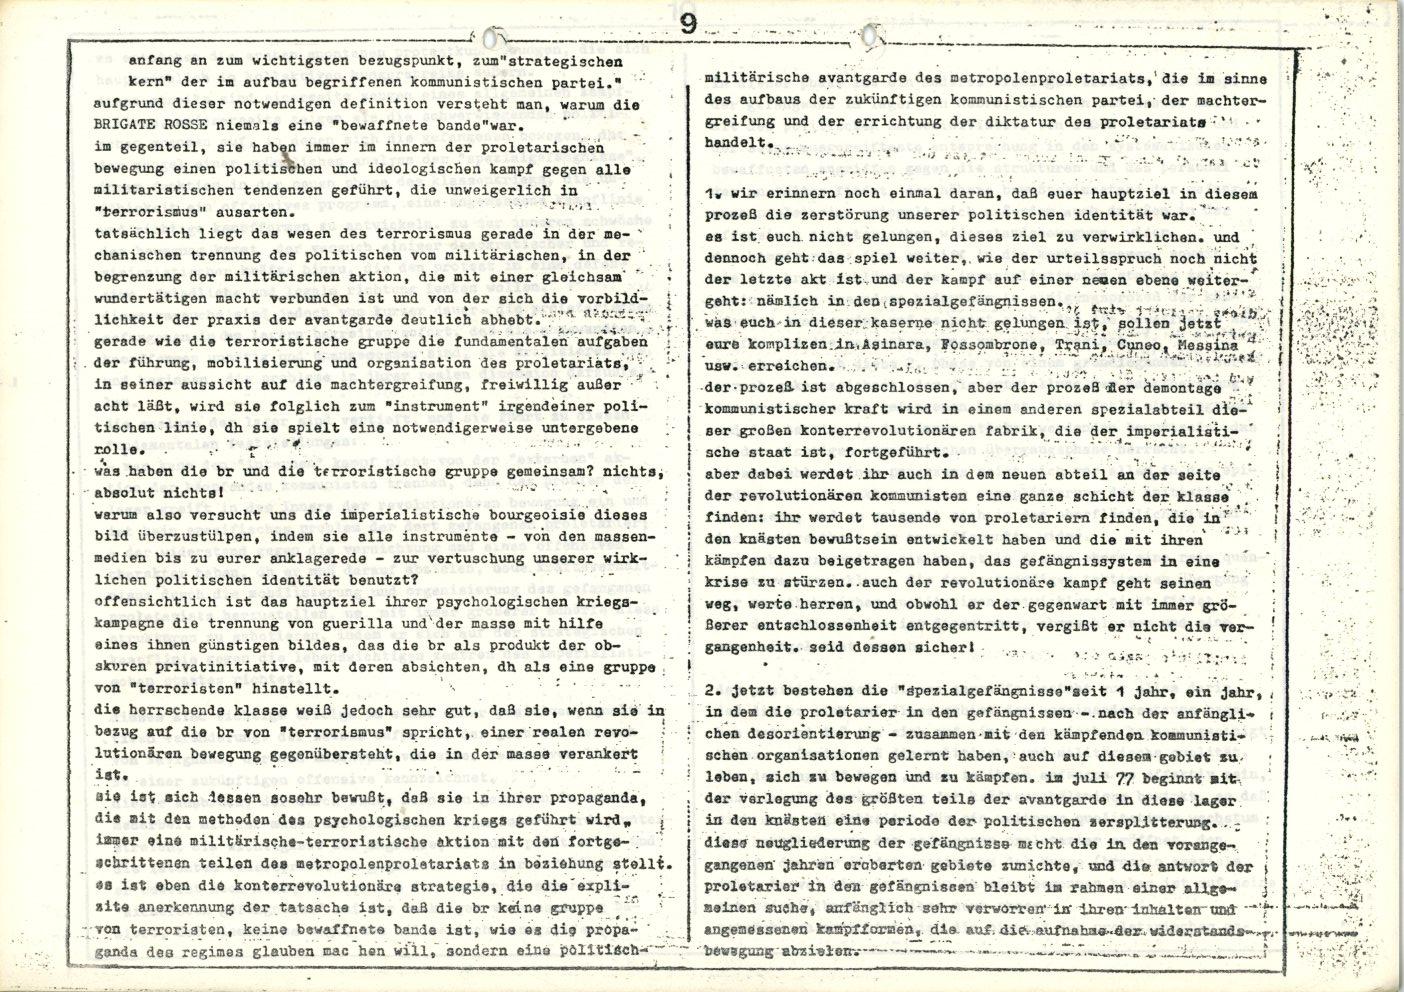 Italien_Brigate_Rosse_1982_Texte_1_24